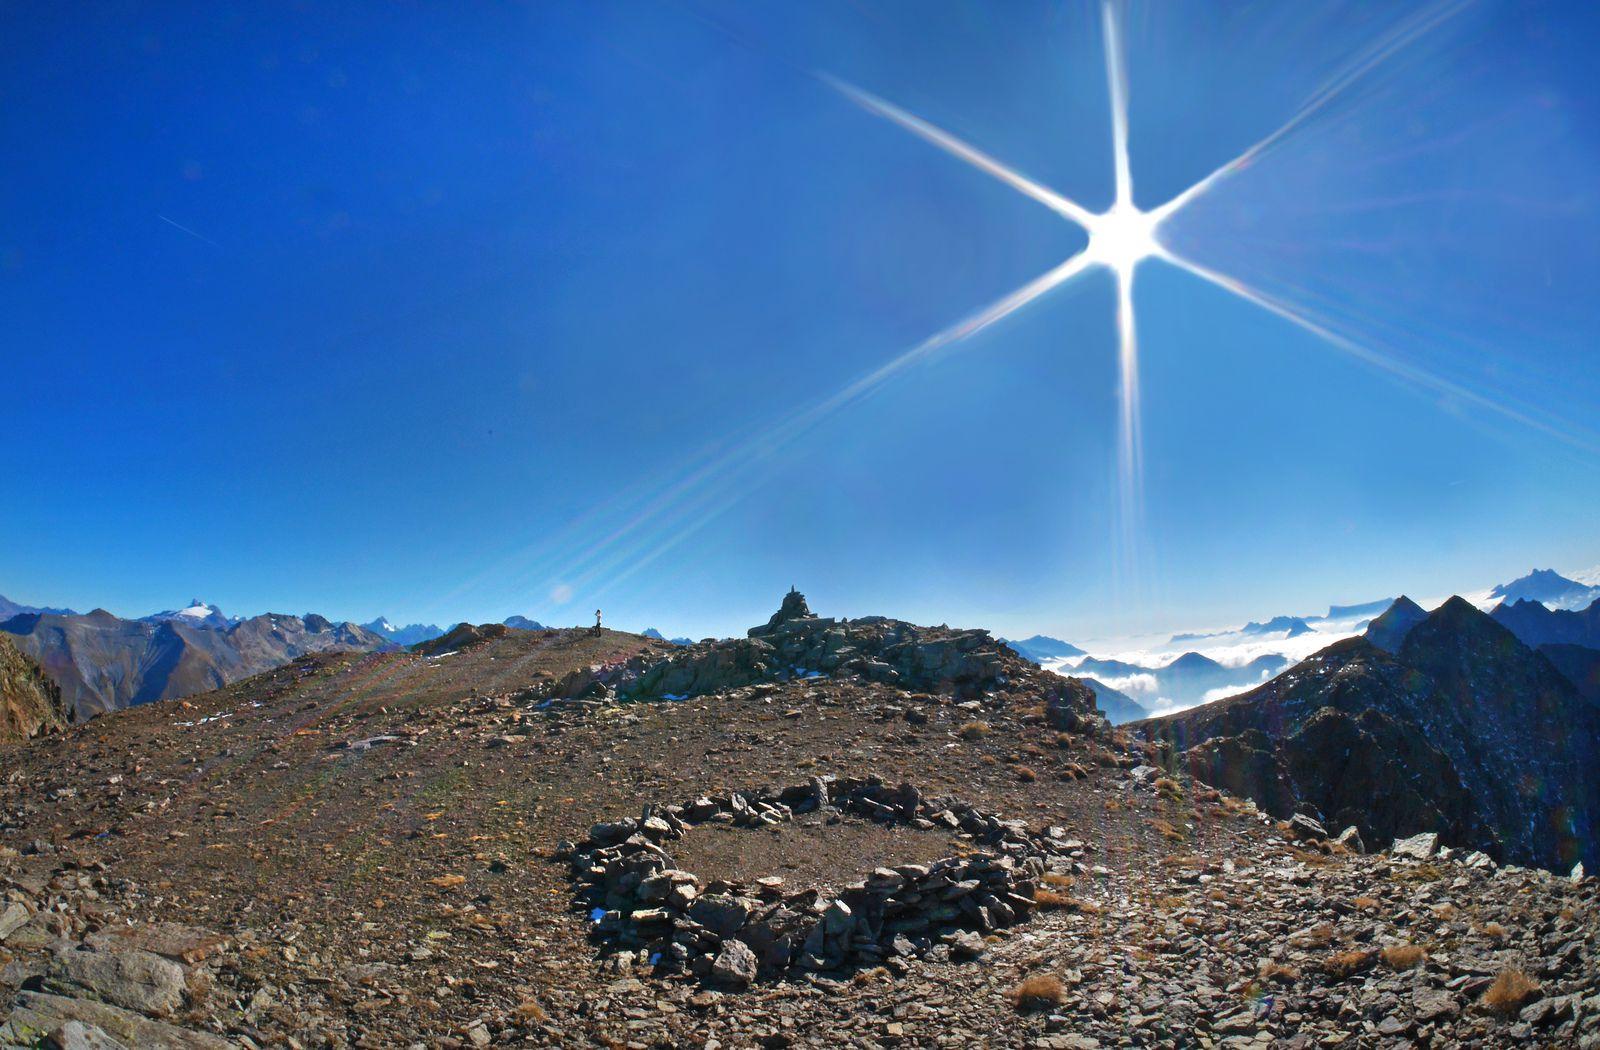 Sommet du Grand Armet : 2792 m.